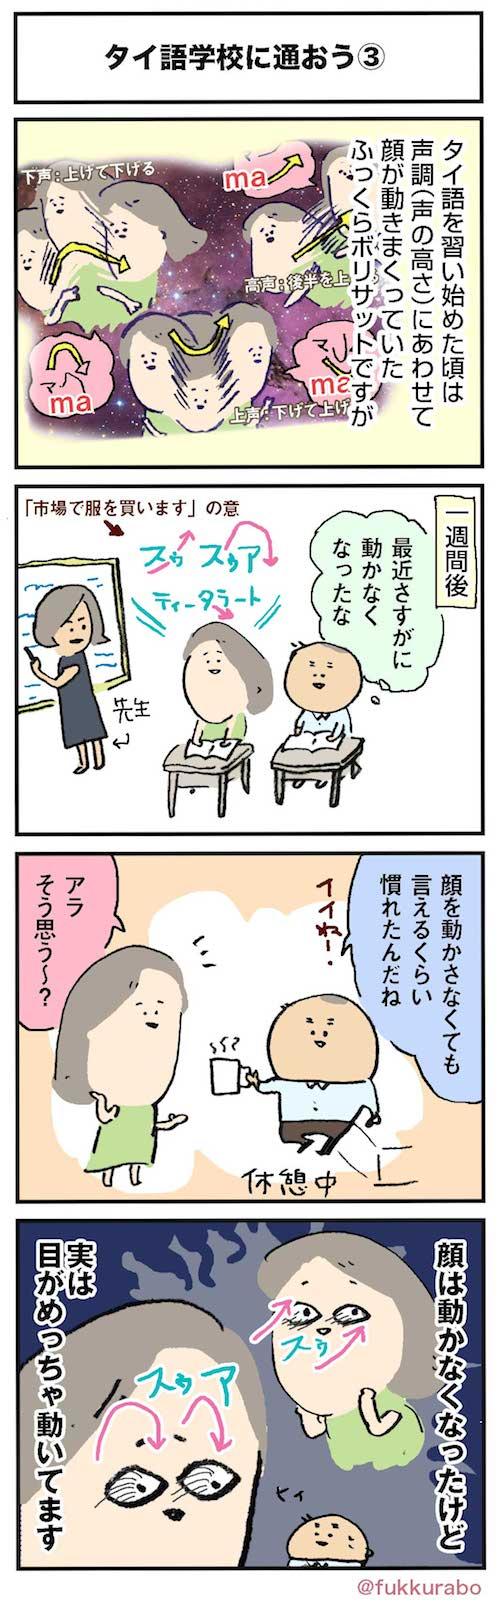 第三九話 タイ語学校に通おう③